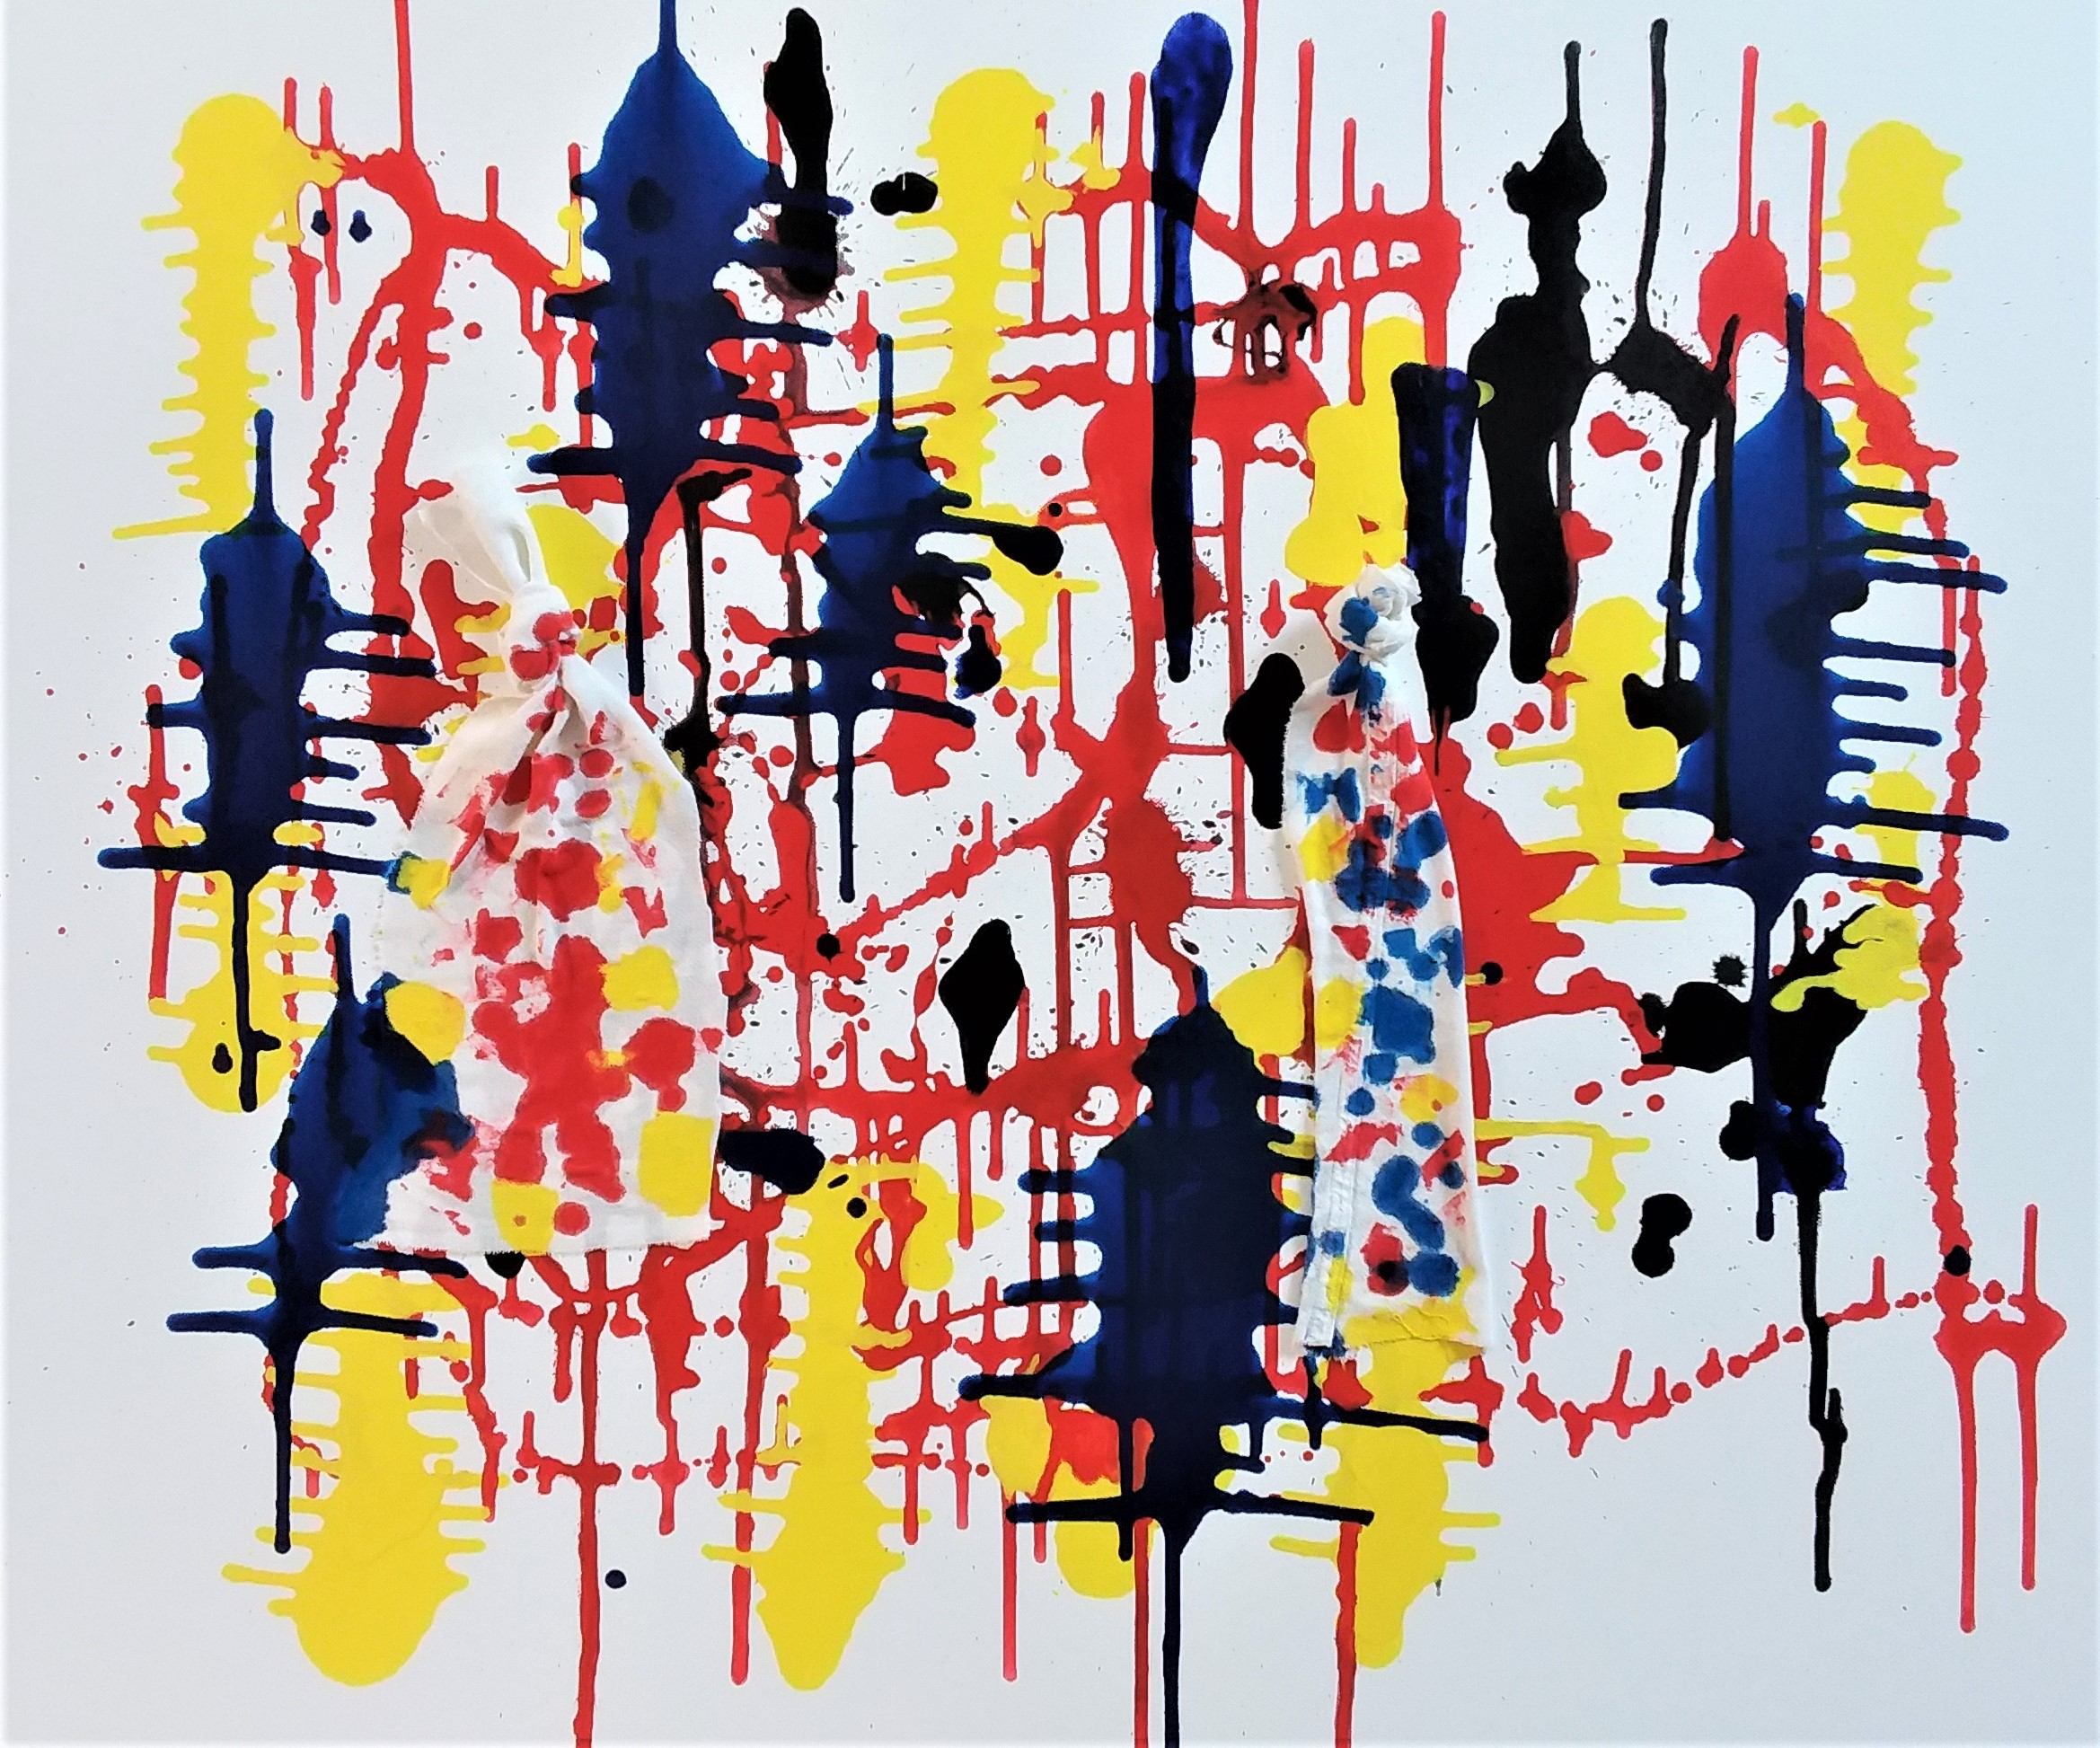 RENCONTRE D'ARTISTES